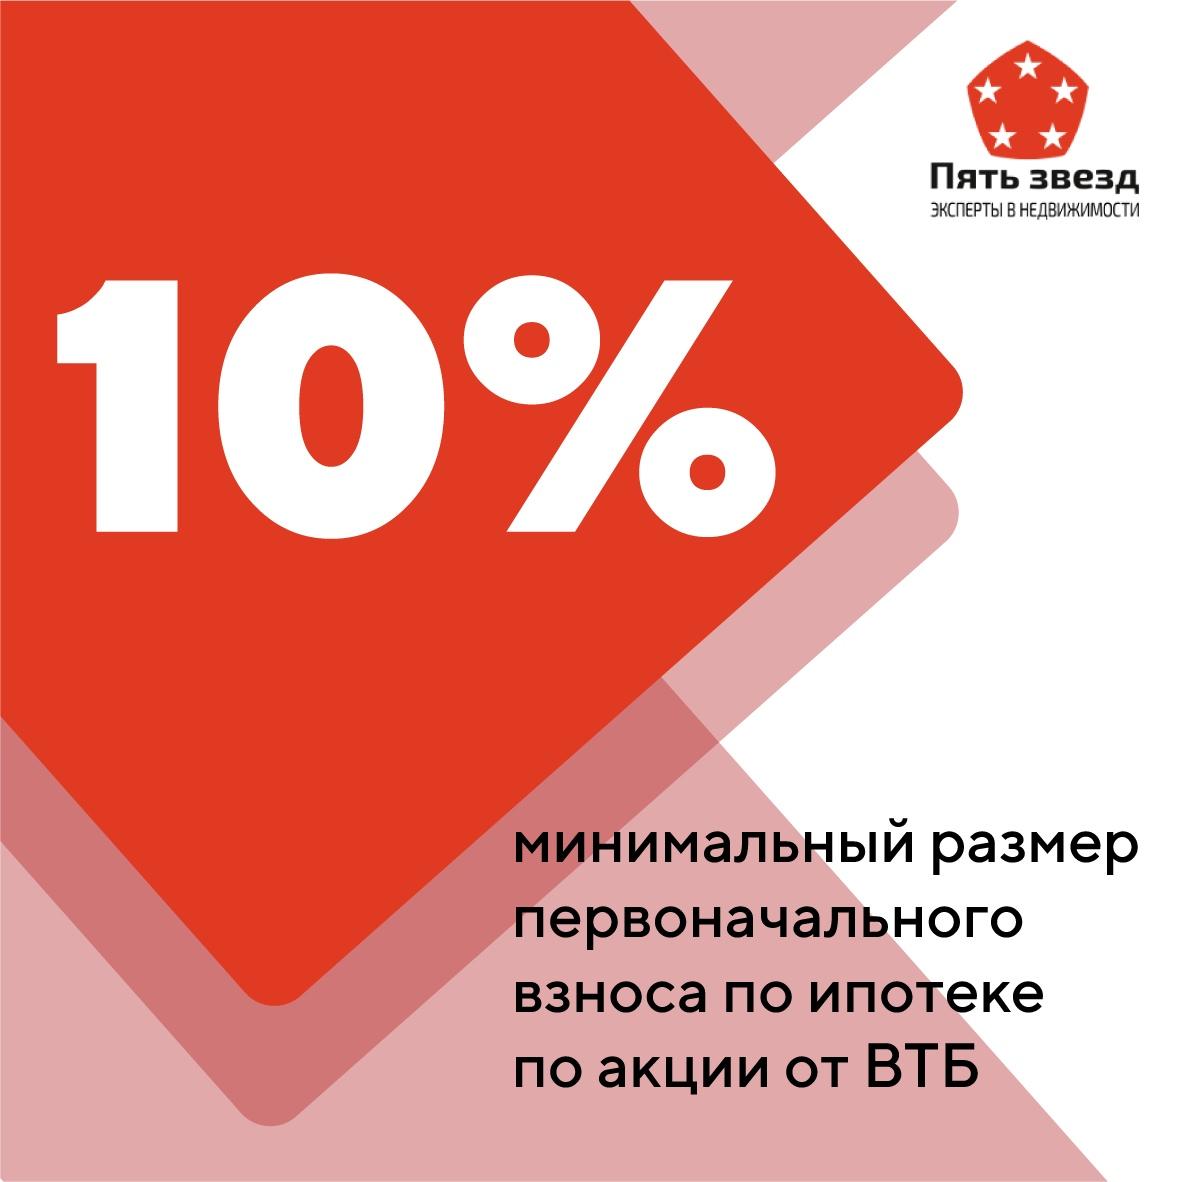 калькулятор кредитной карты альфа банк 100 дней